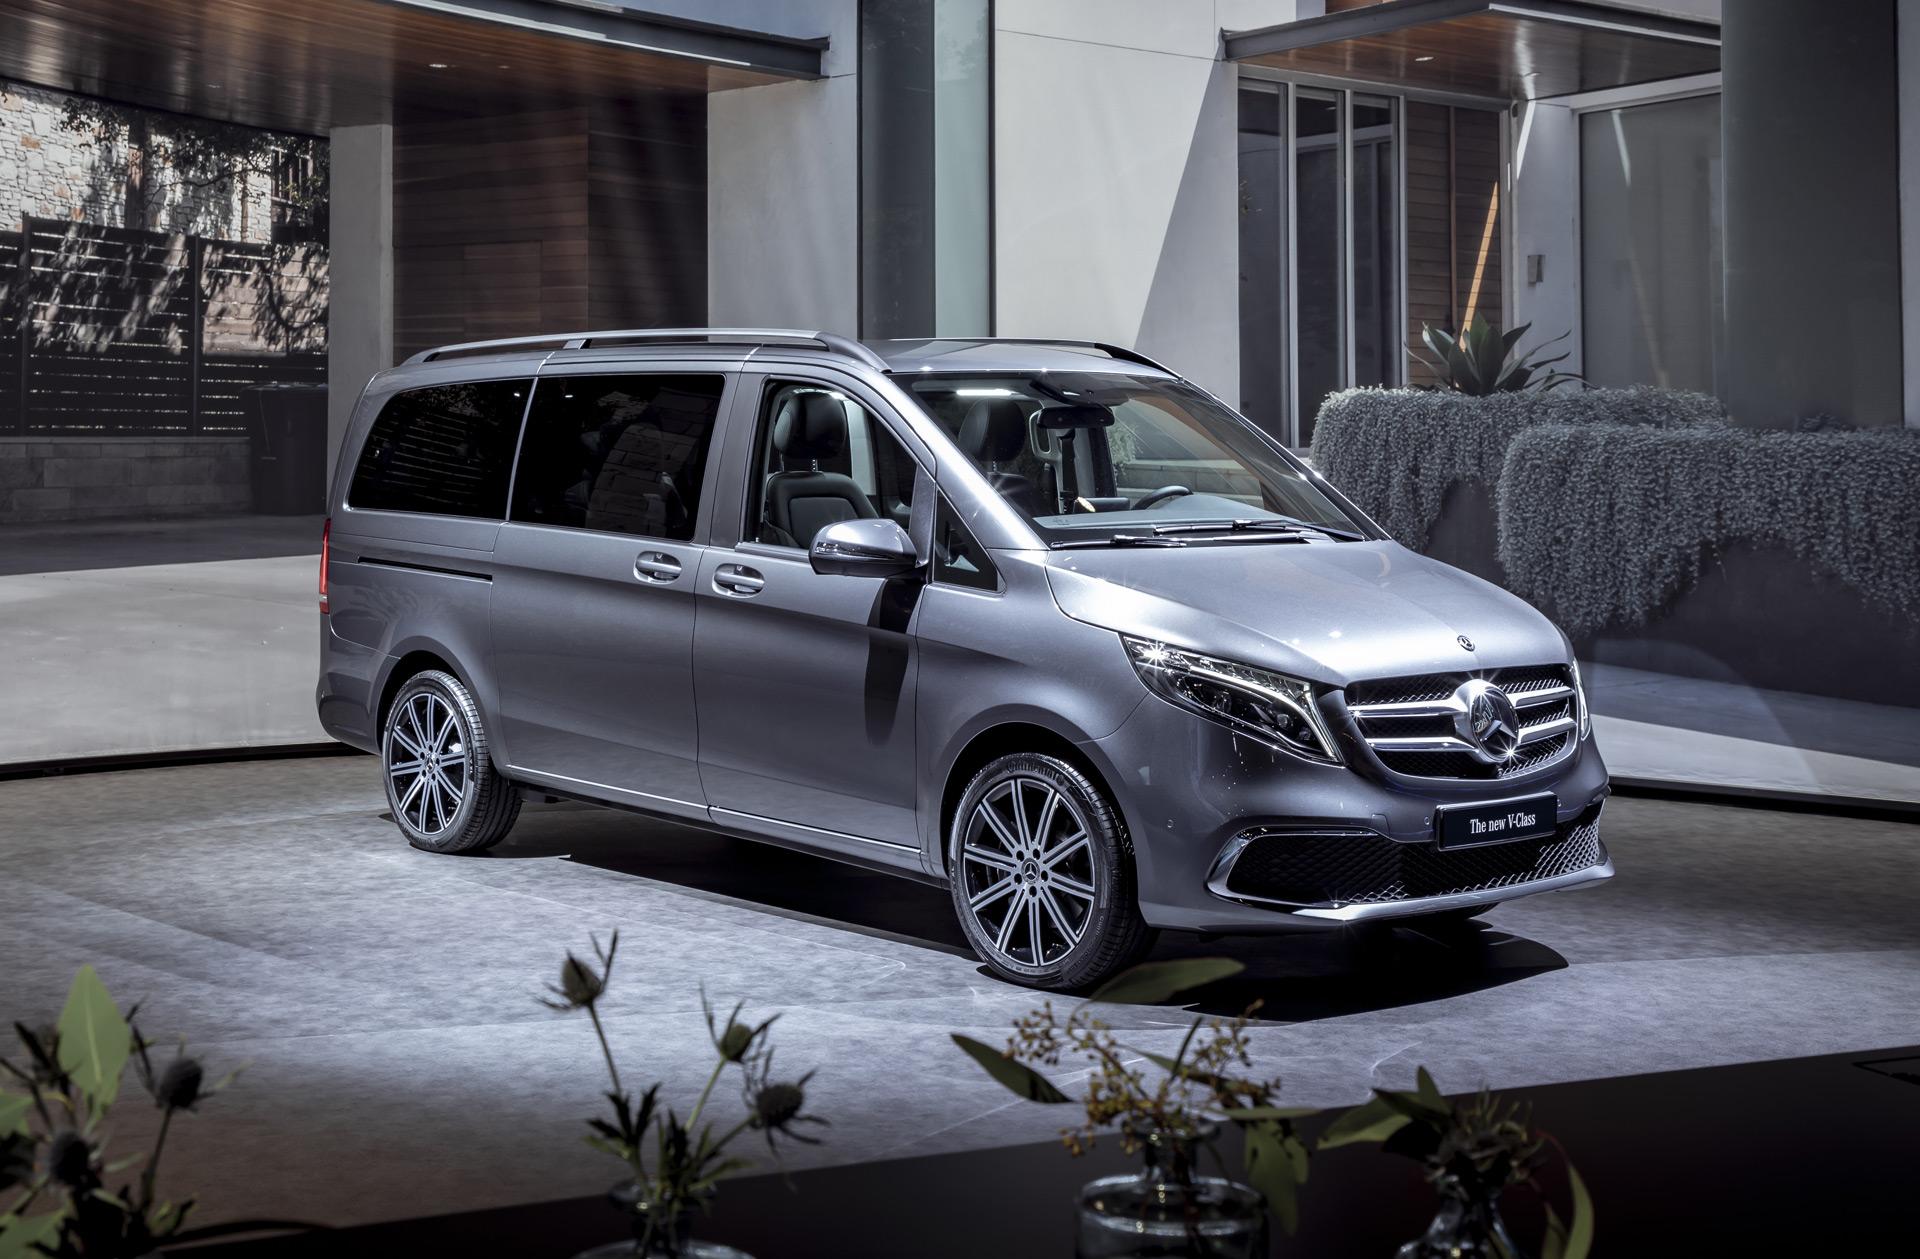 e43a11c3054c3d 2019 Mercedes-Benz V-Class hints at updates for Metris van